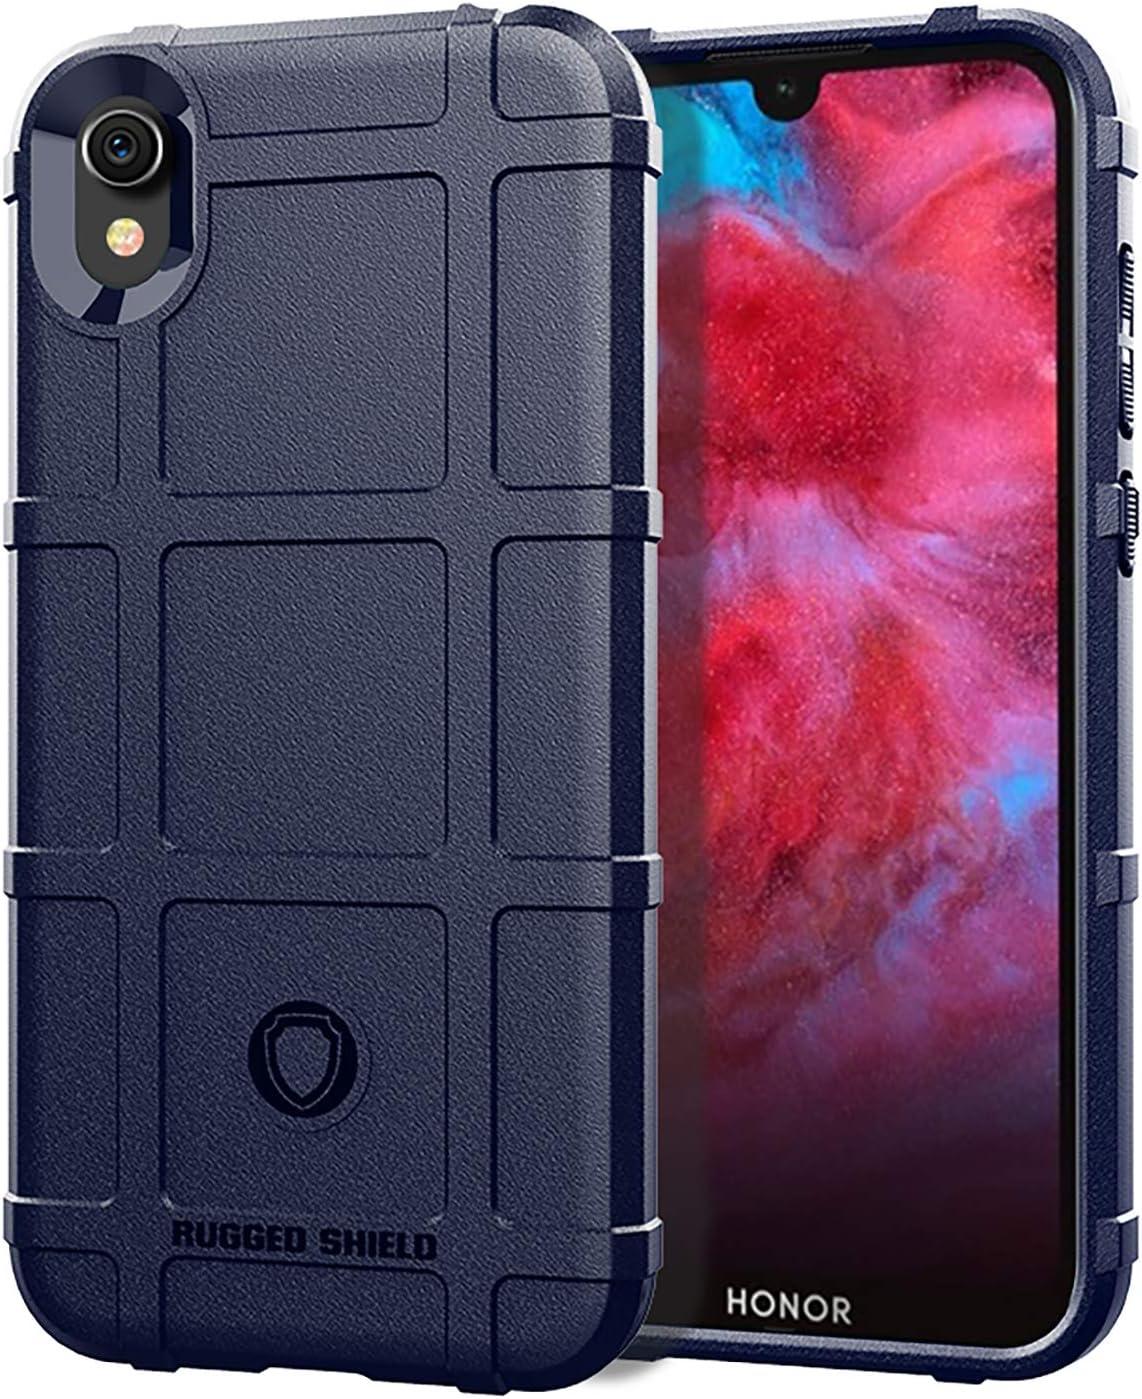 SWMGO® Firmeza y Flexibilidad Smartphone Funda Compatible para Huawei Honor Play 3e(Azul Oscuro): Amazon.es: Electrónica